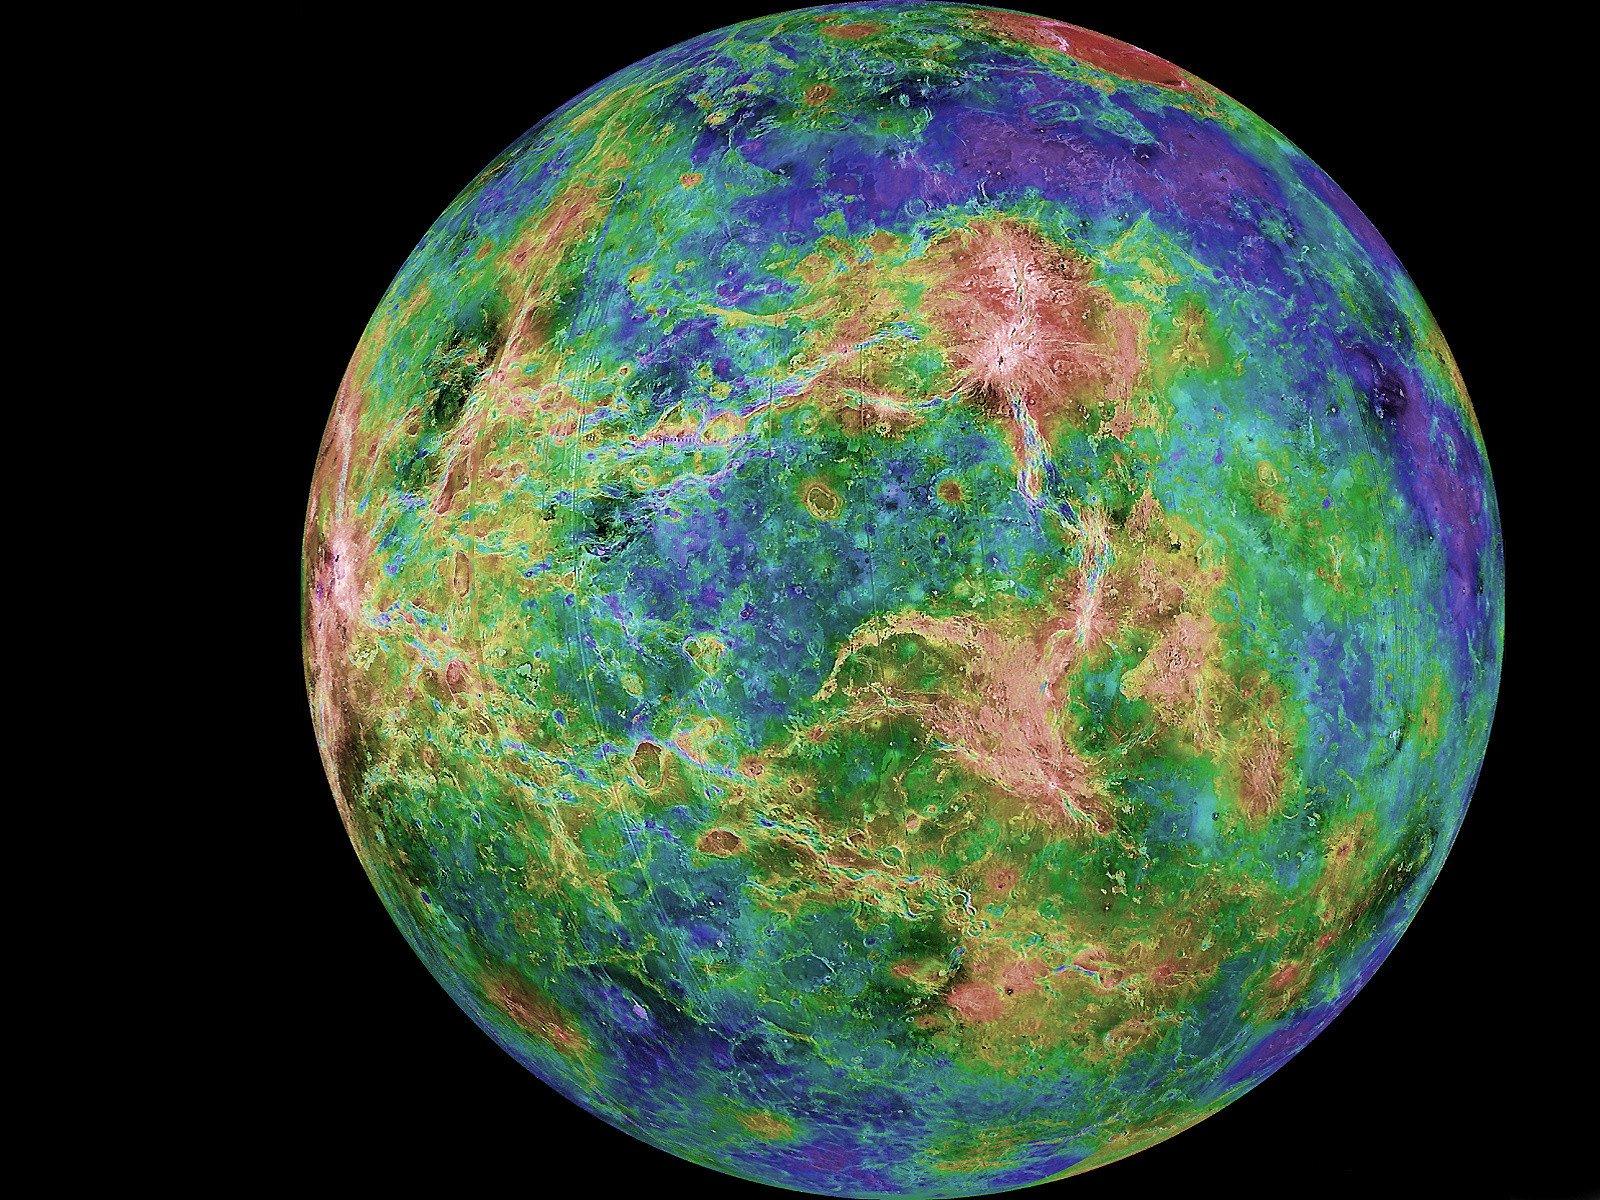 Ученые смогли изучить облака на черной стороне Венеры